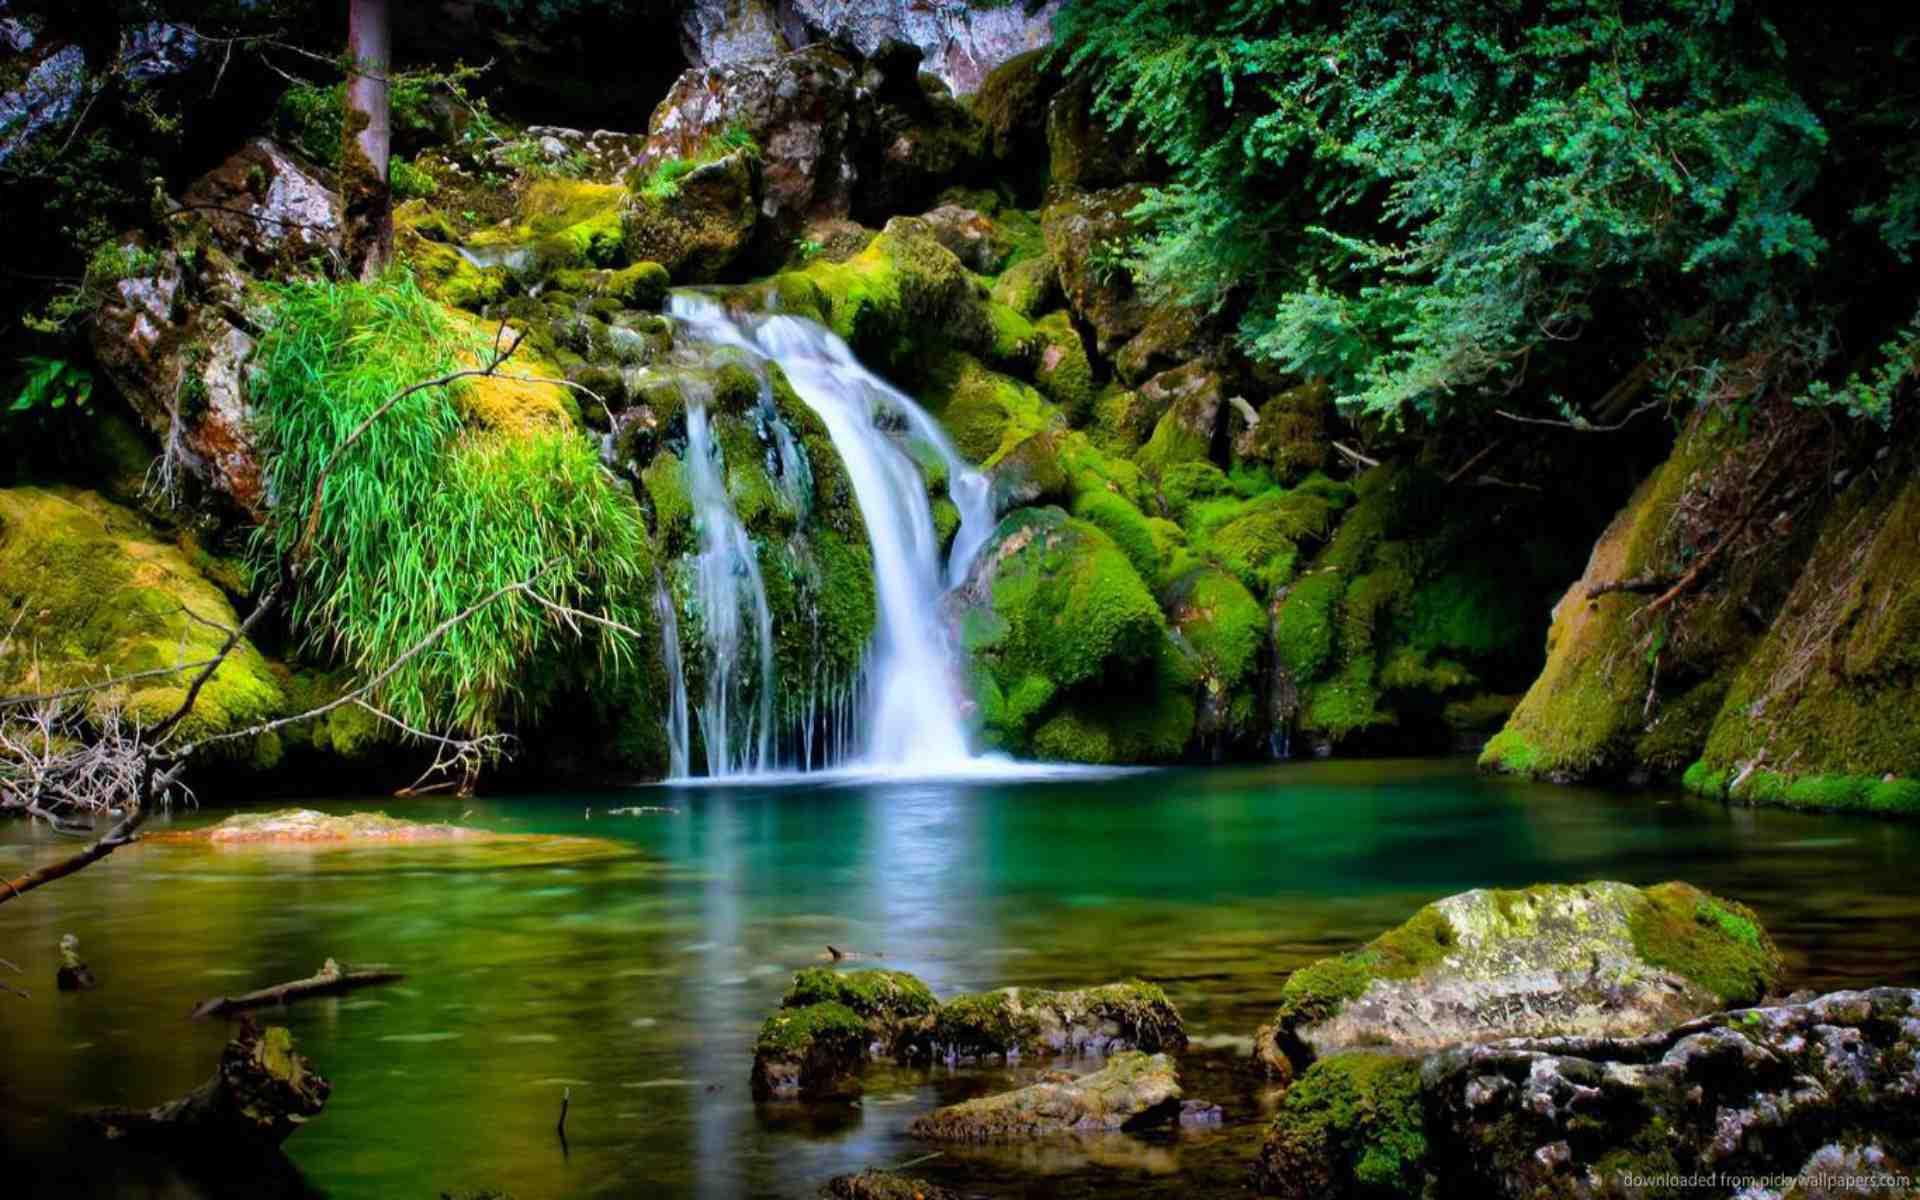 Ảnh bìa đẹp phong cảnh thiên nhiên yên tĩnh và thanh đạm